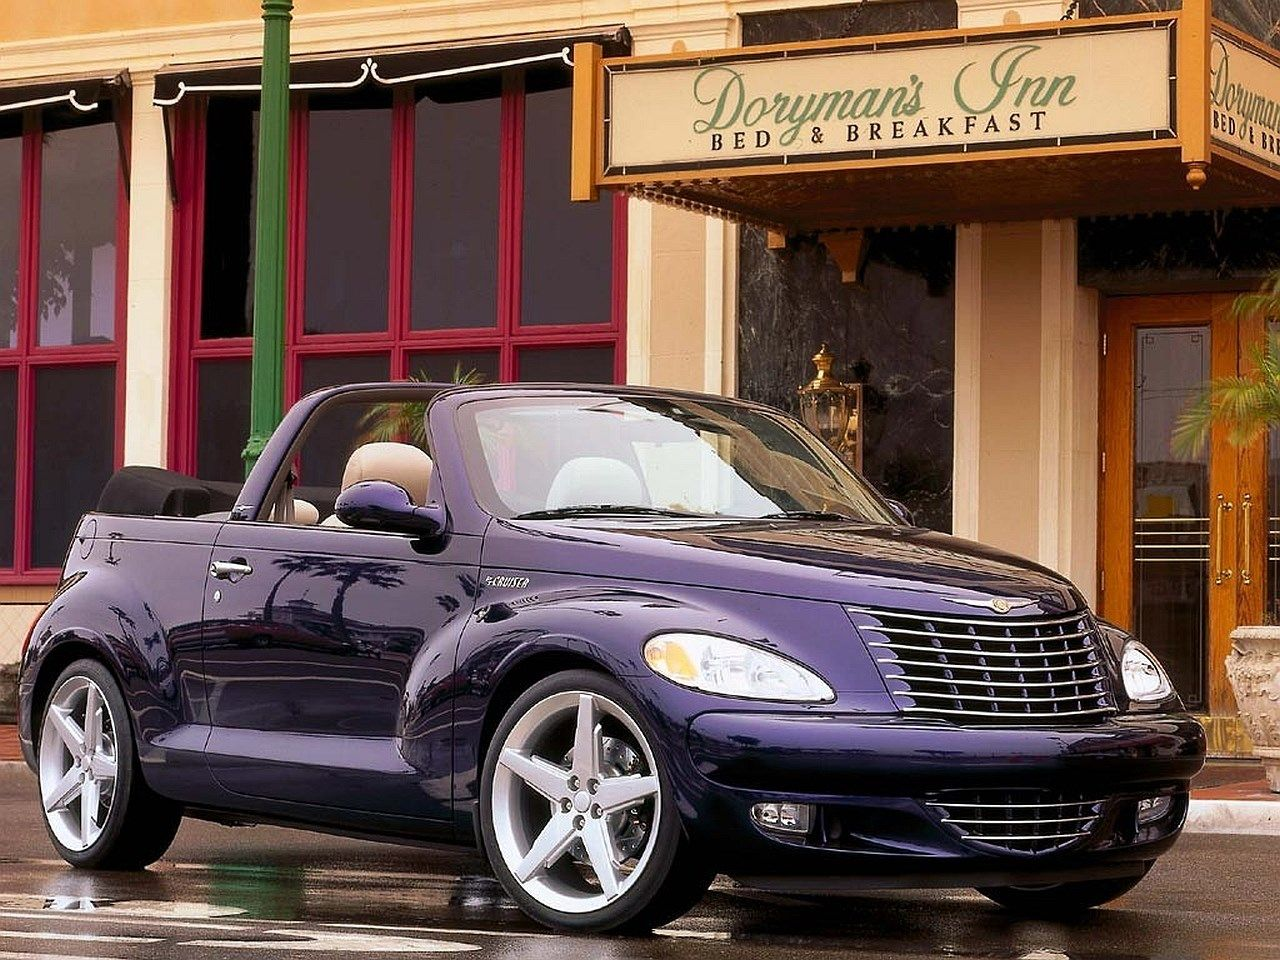 Pictures Of Chrysler Pt Cruiser Dream Vehicle Chrysler